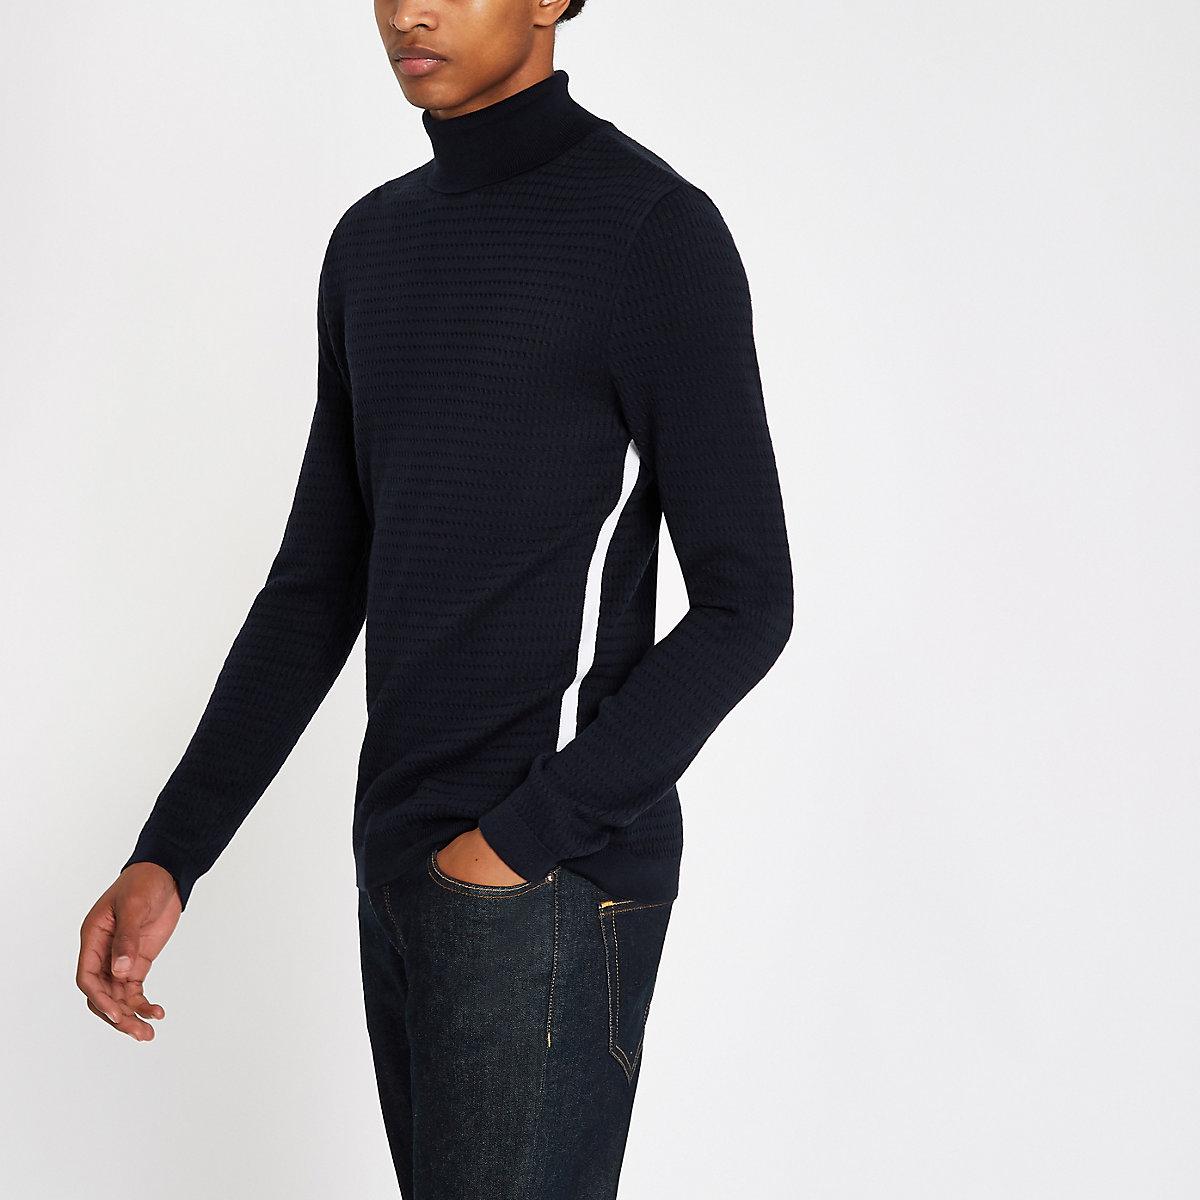 Navy knit roll neck slim fit jumper